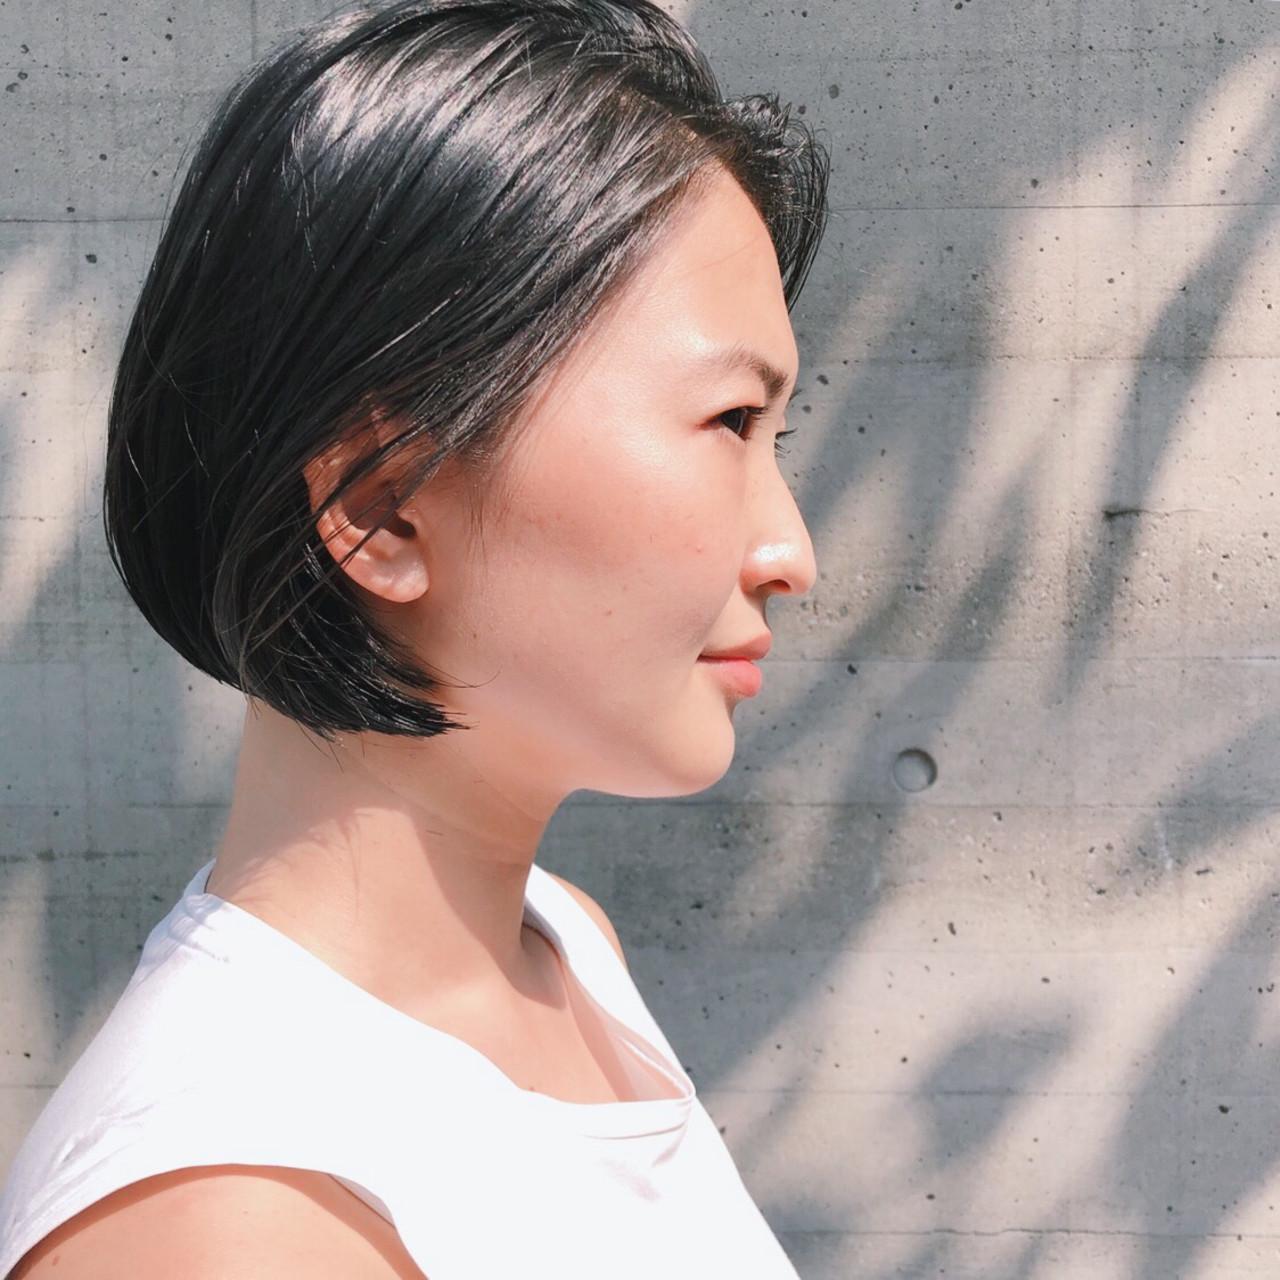 ミニボブ 黒髪 ボブ オフィス ヘアスタイルや髪型の写真・画像 | 山庄司 祐希 / KATE  omotesando